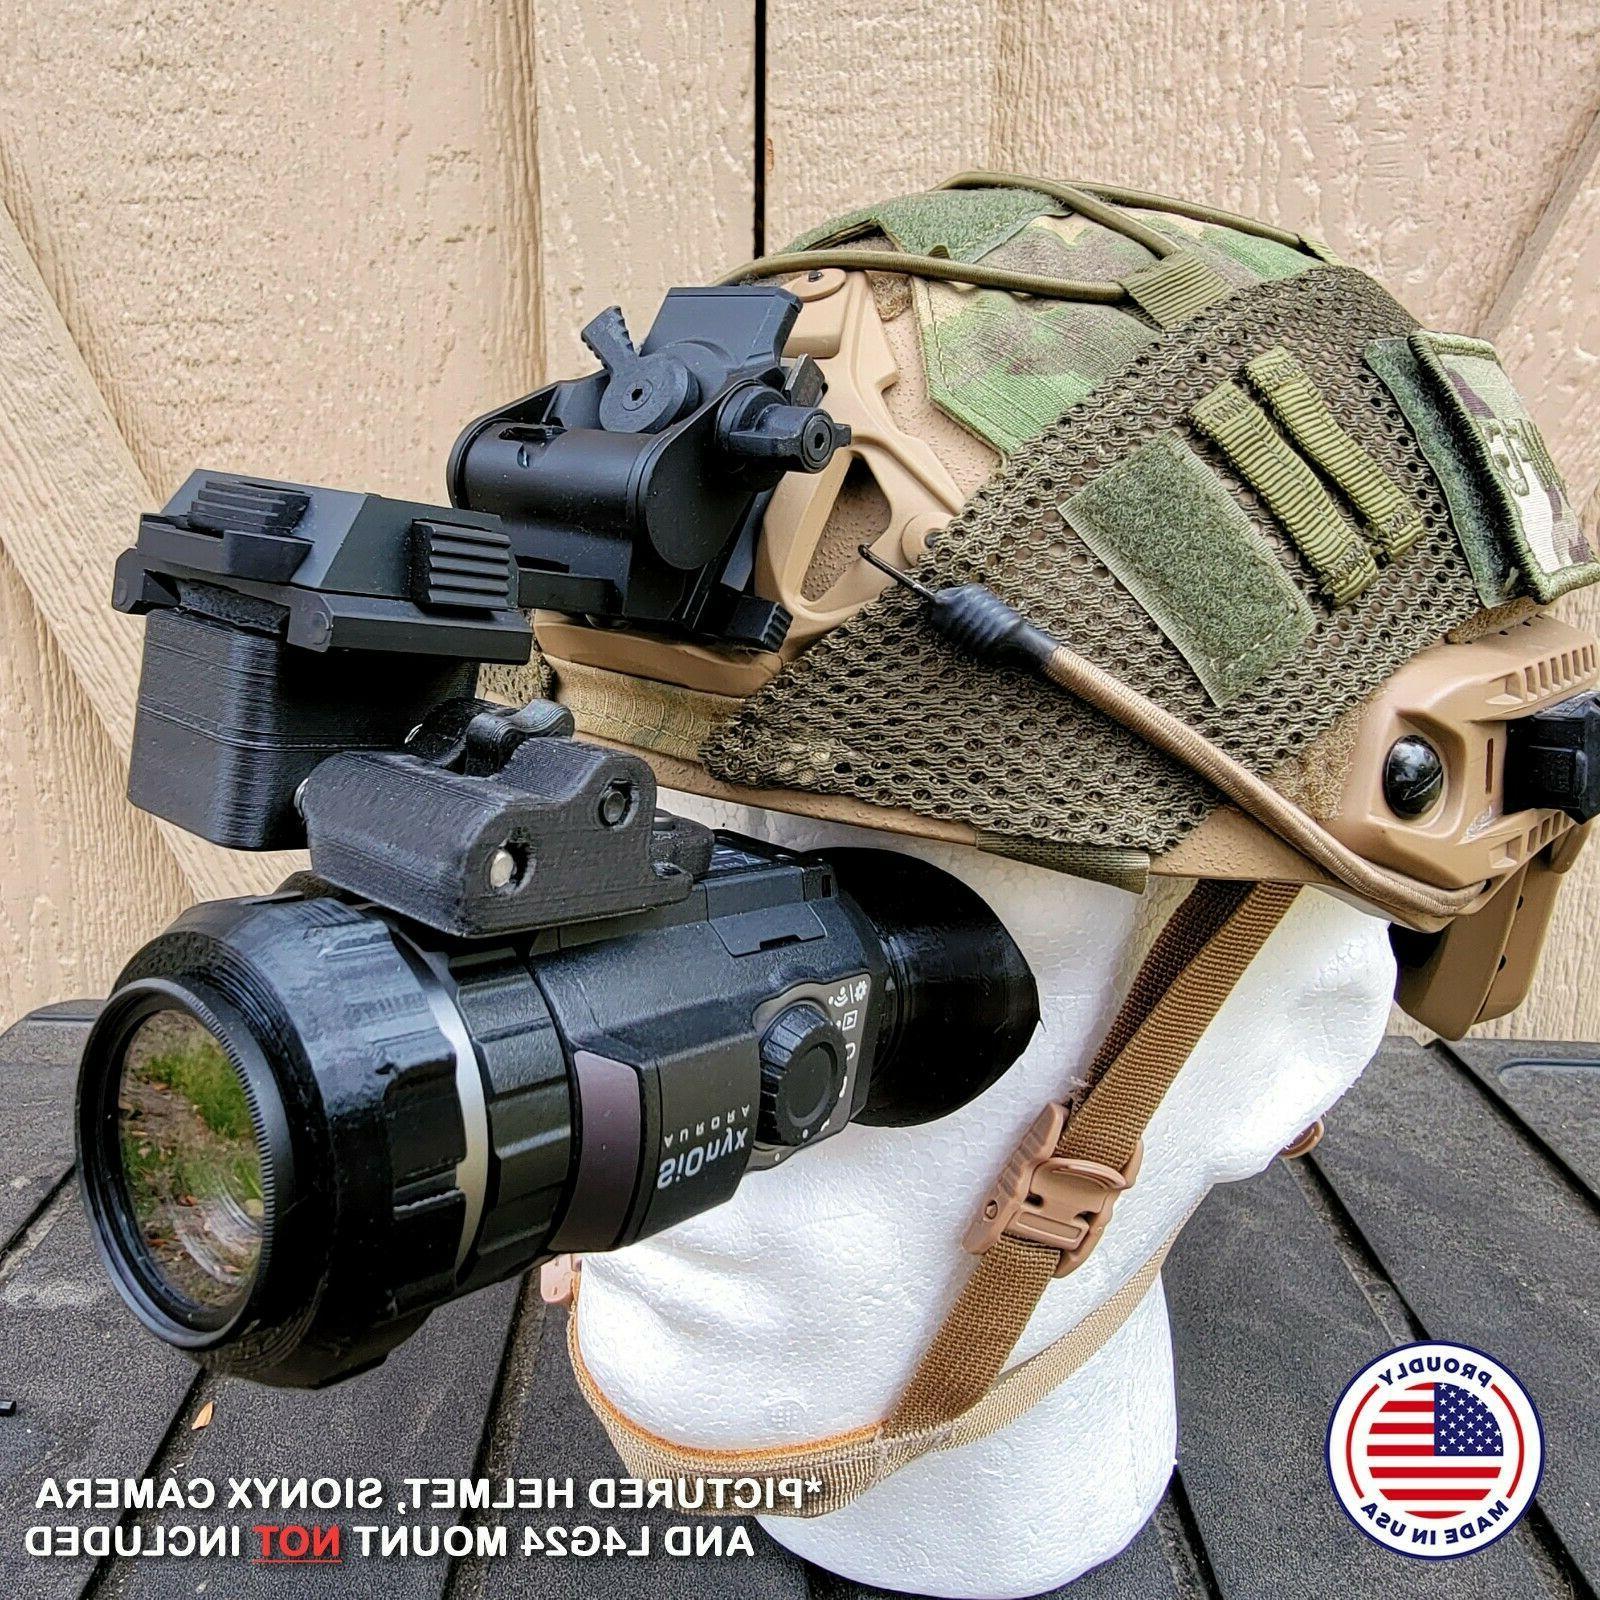 nightwatch sionyx aurora monocular helmet night vision